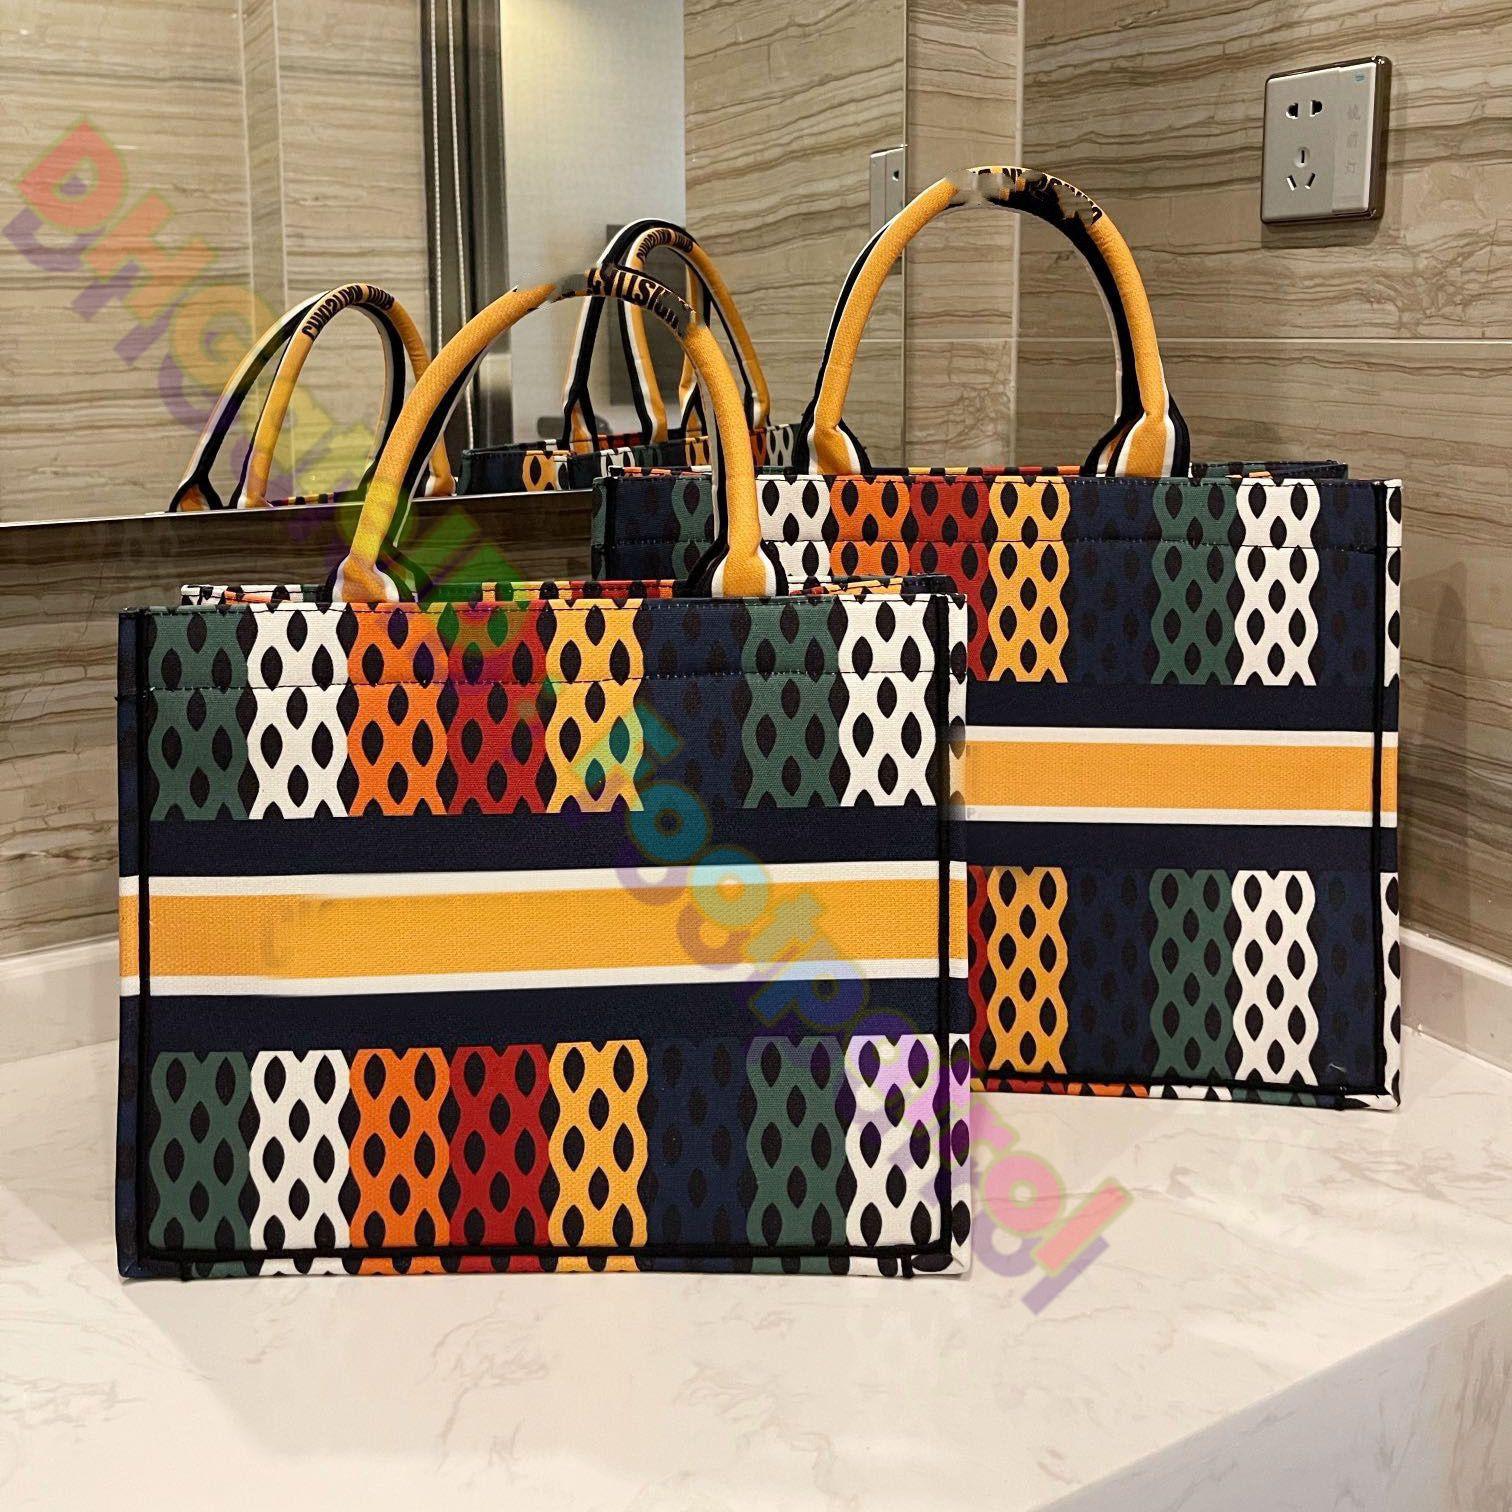 2021 GRANDE Capacità Shopping Bags Fashion Donne Donne Vintage Totes Borsa Hobos Ladies Borse classiche Borse Casual Pisette Stampa Multicolor Borsa frizione Borsa Borsetta